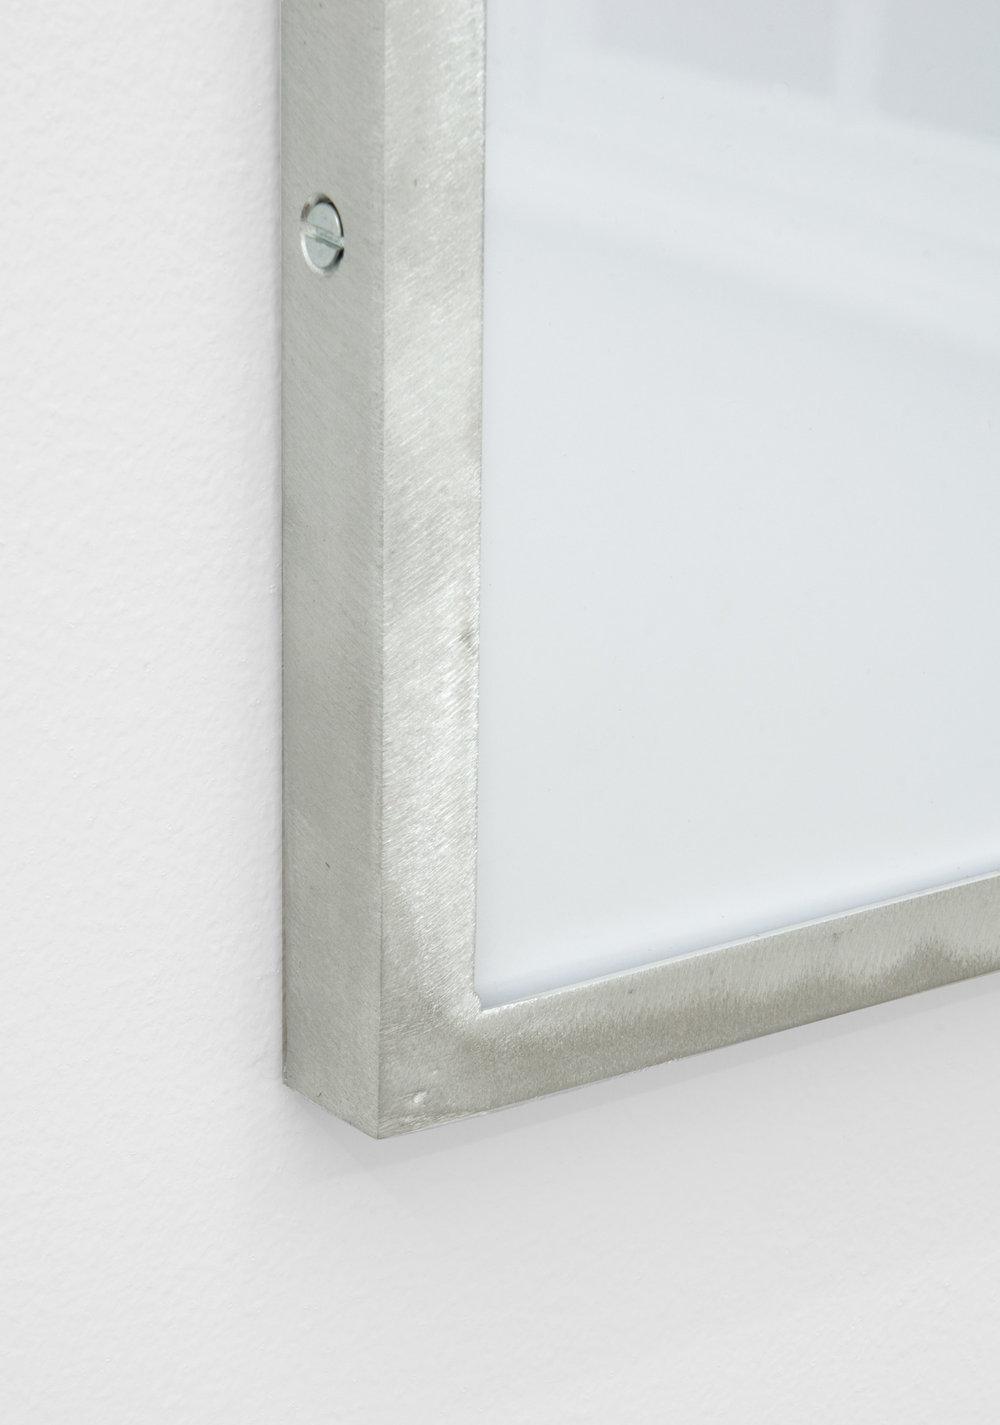 IR-5 (detail), 2014, giclee print on hahnemuhle photorag, custom aluminium frame 40 x 40 cm.